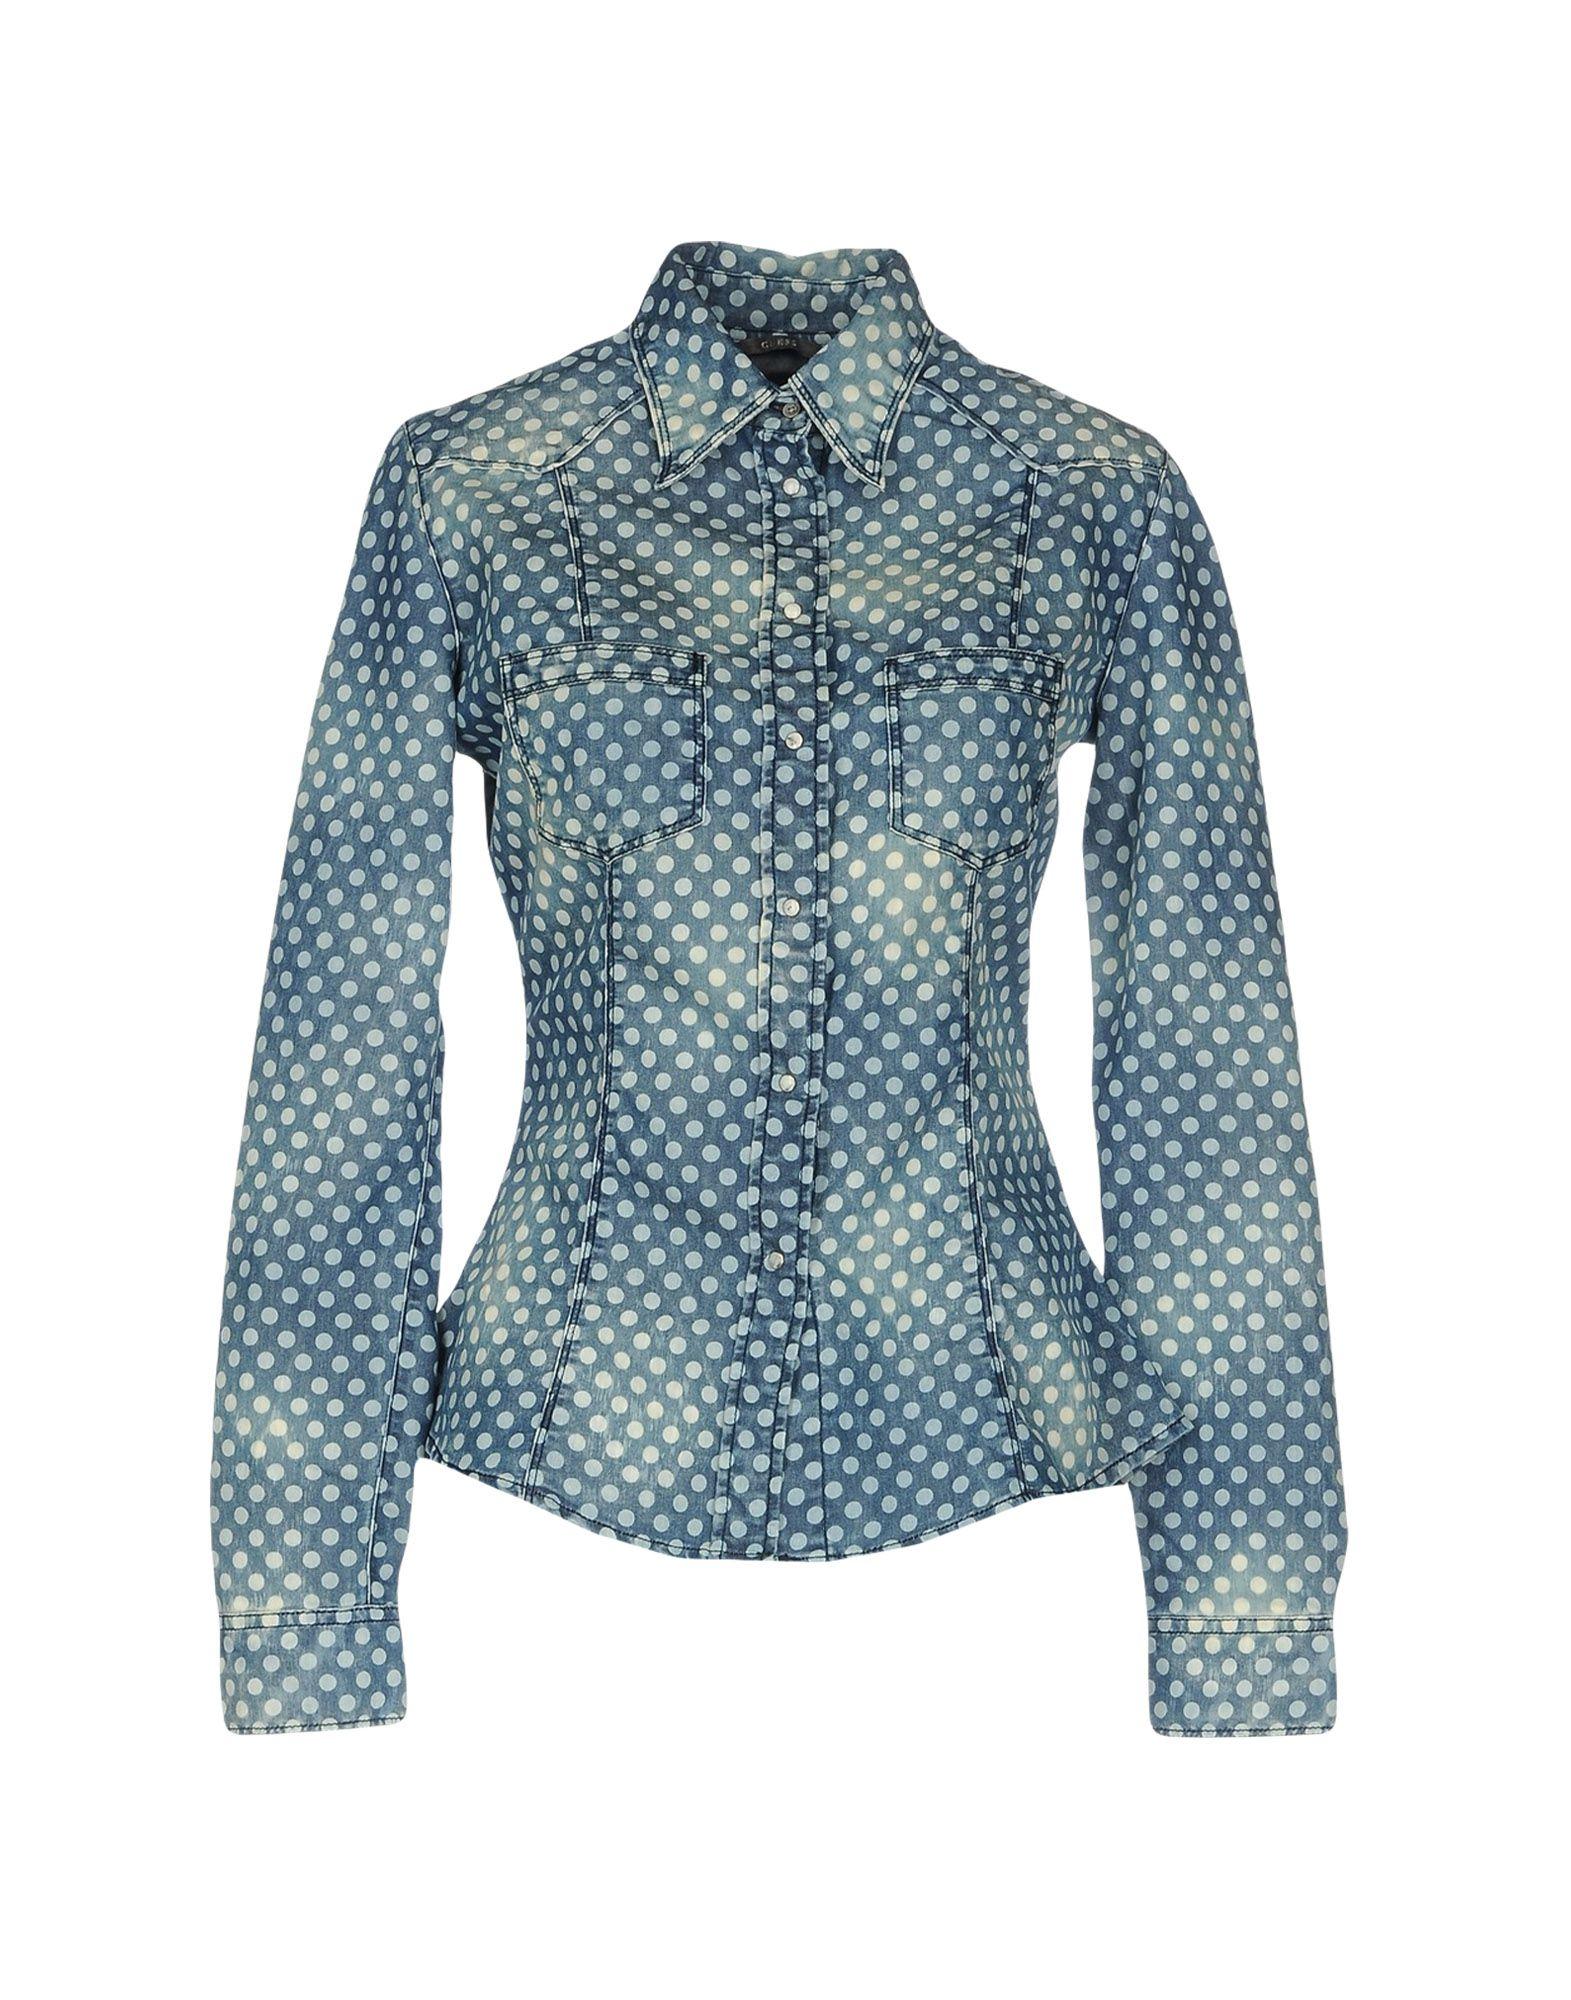 GUESS Джинсовая рубашка рубашка в мелкий горошек